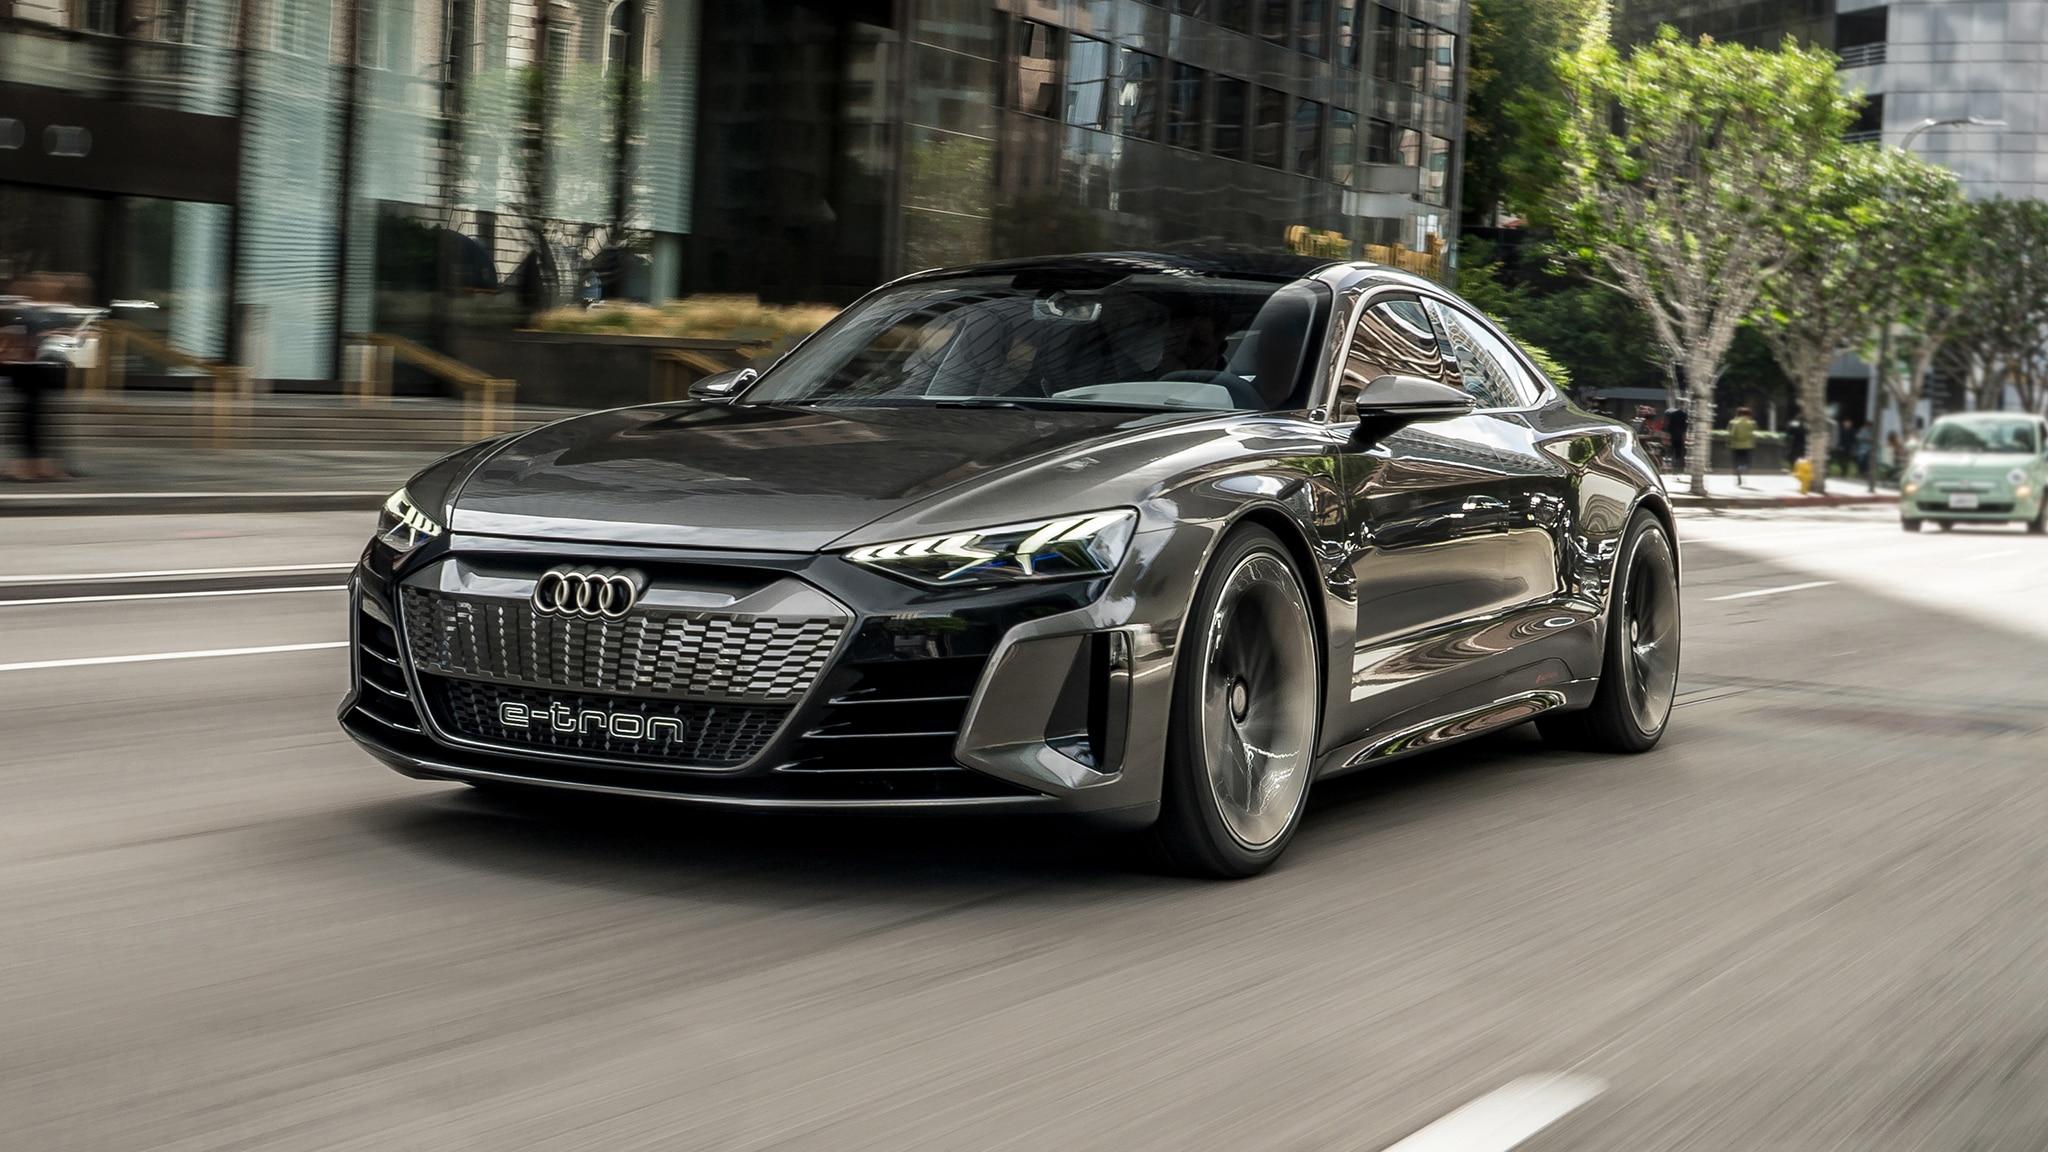 Audi S E Tron Gt Concept Previews A Design Evolution Automobile